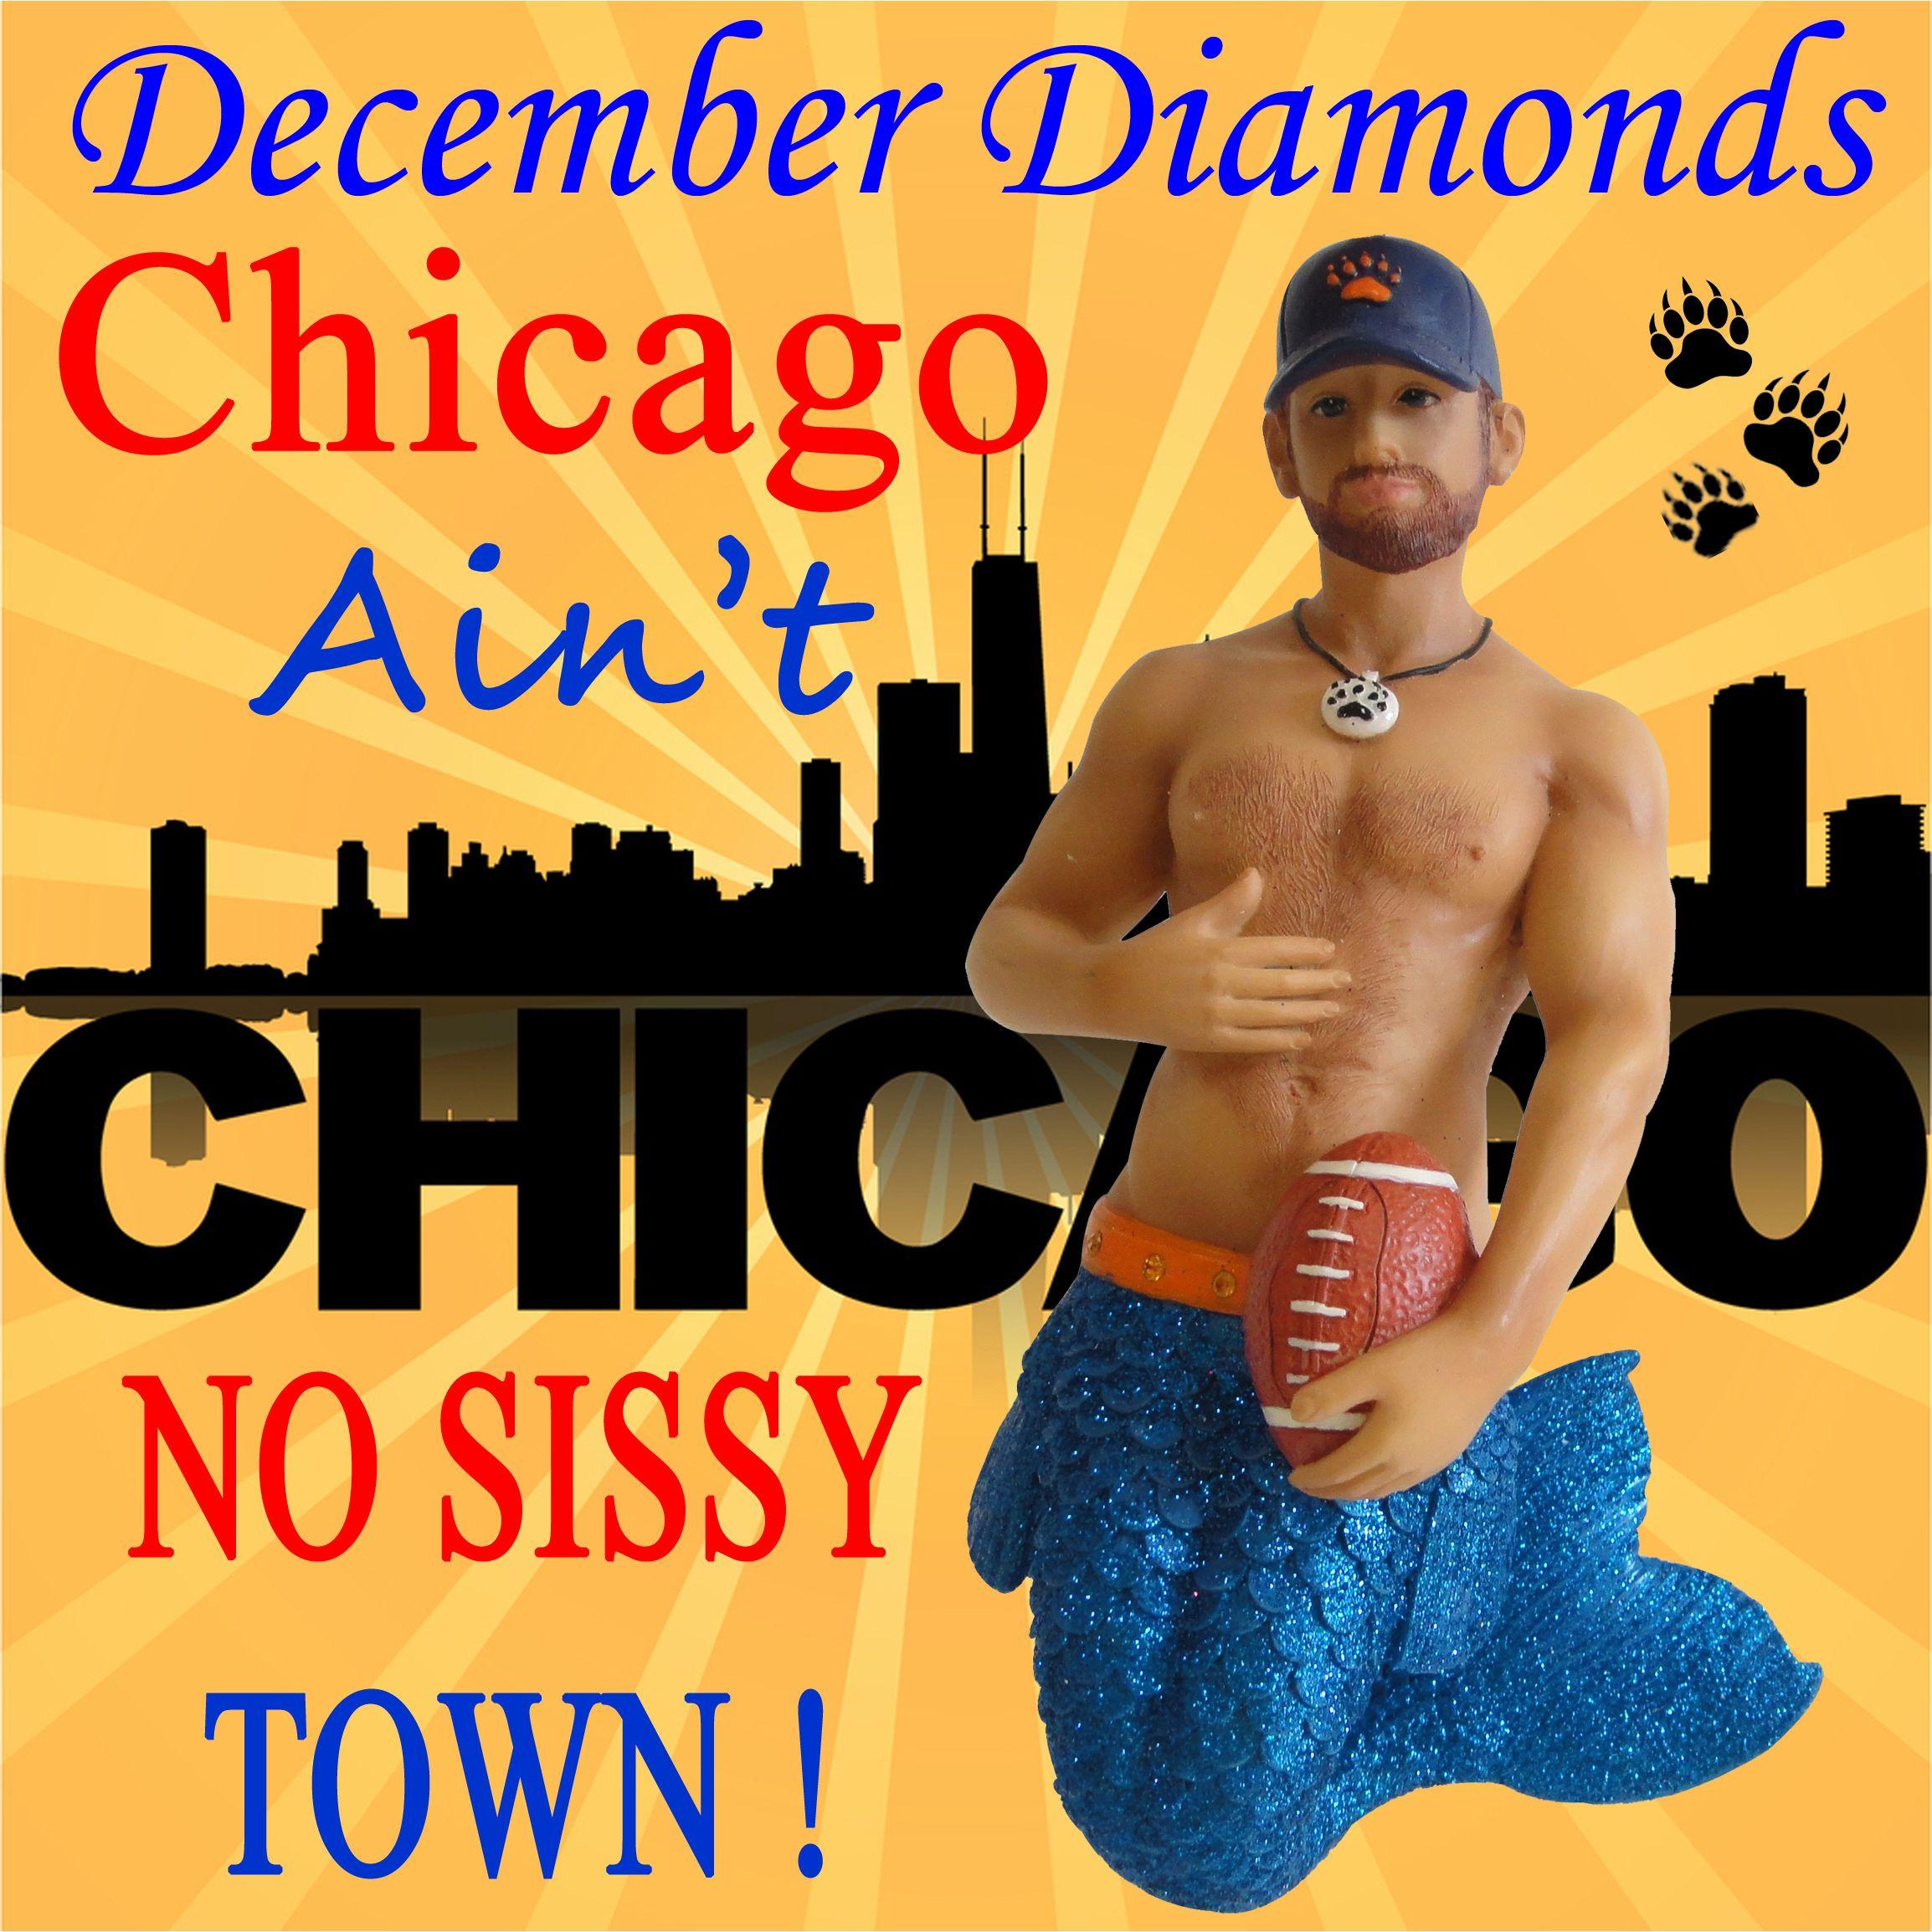 December Diamonds Mermen Chicago